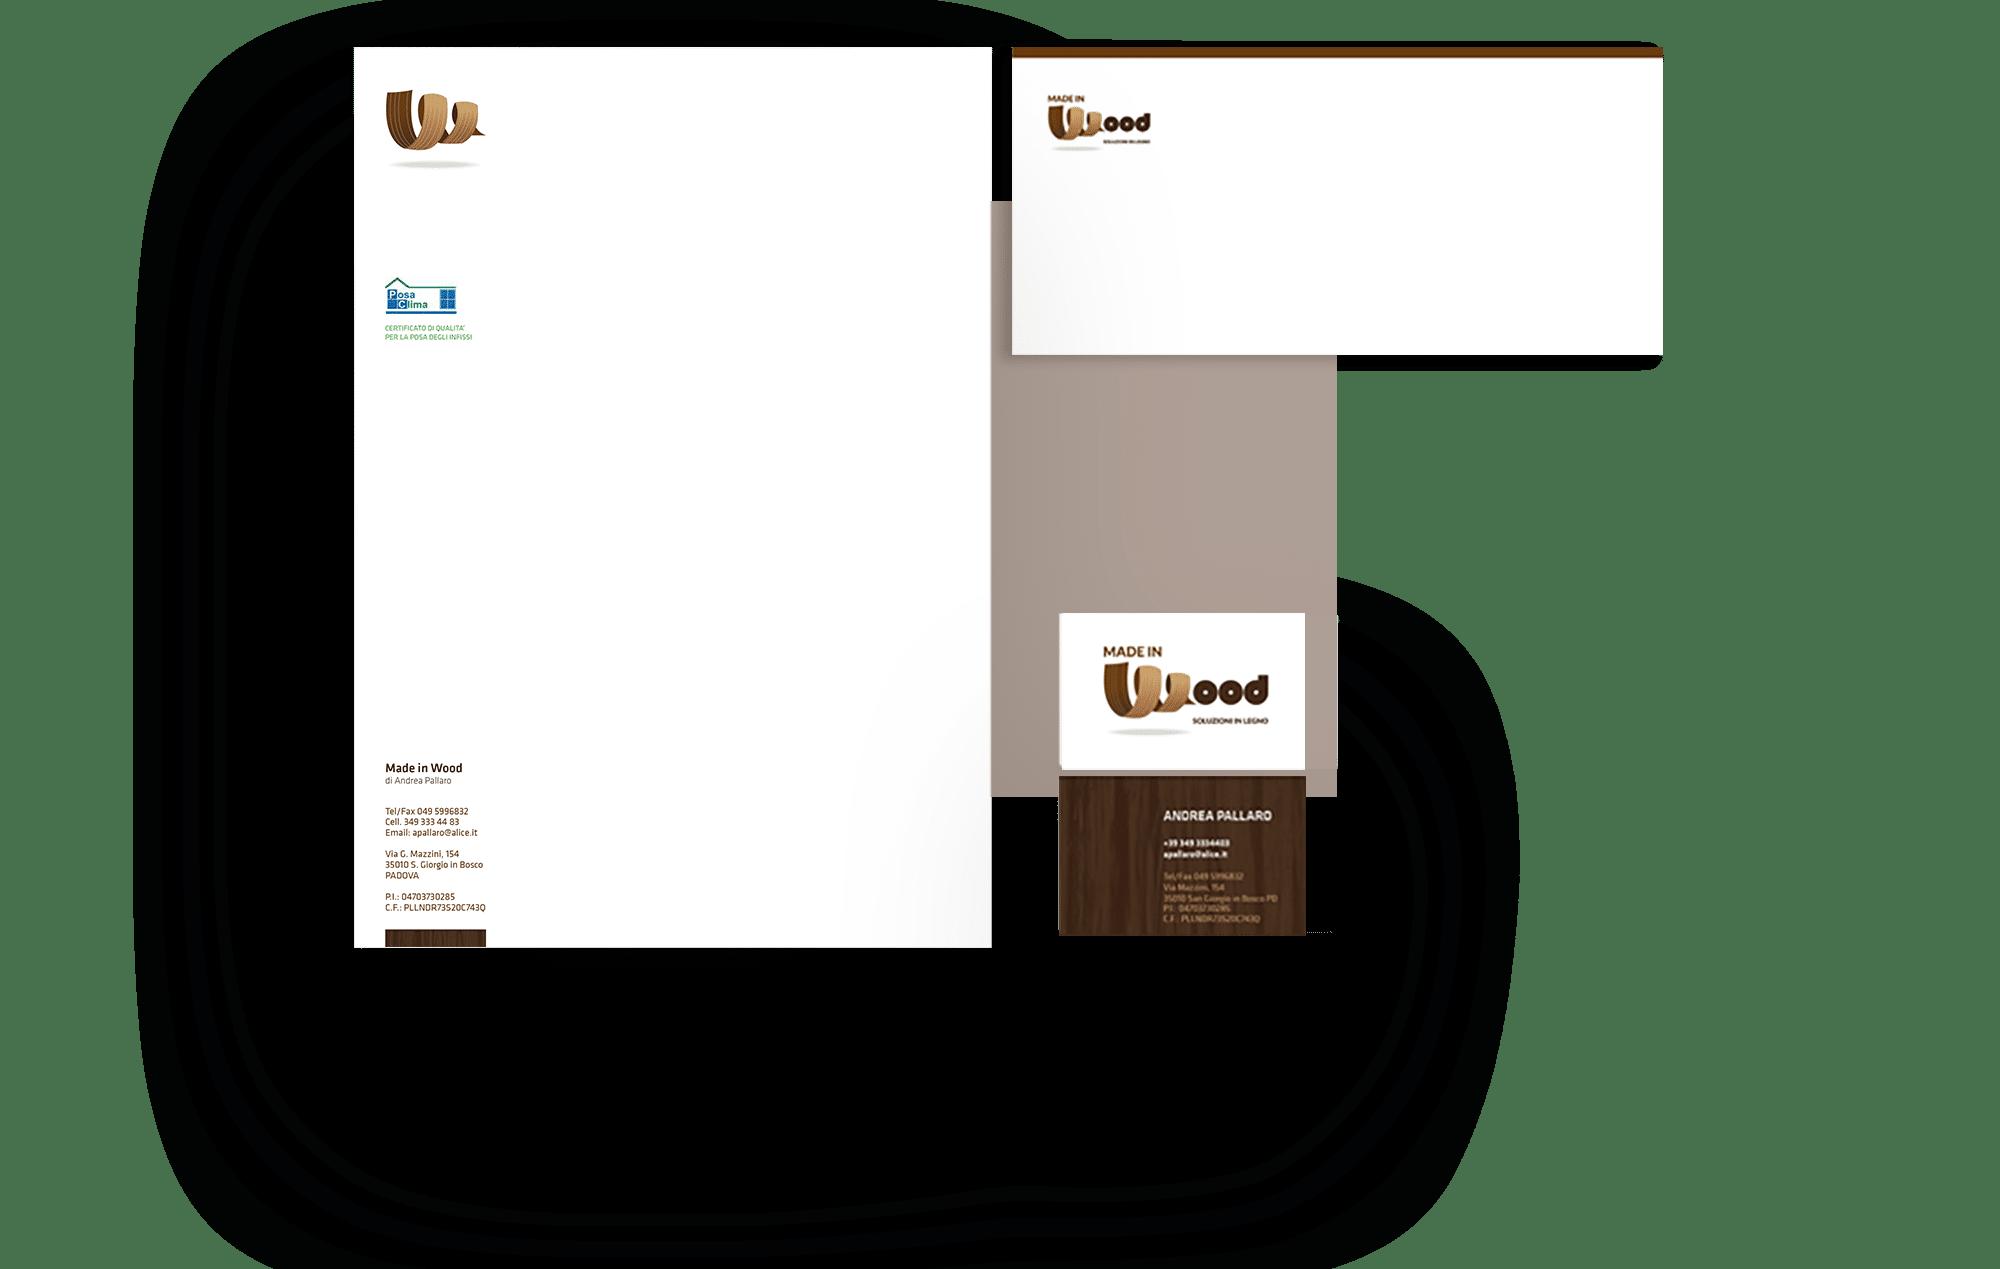 mockup webdesign madeinwood